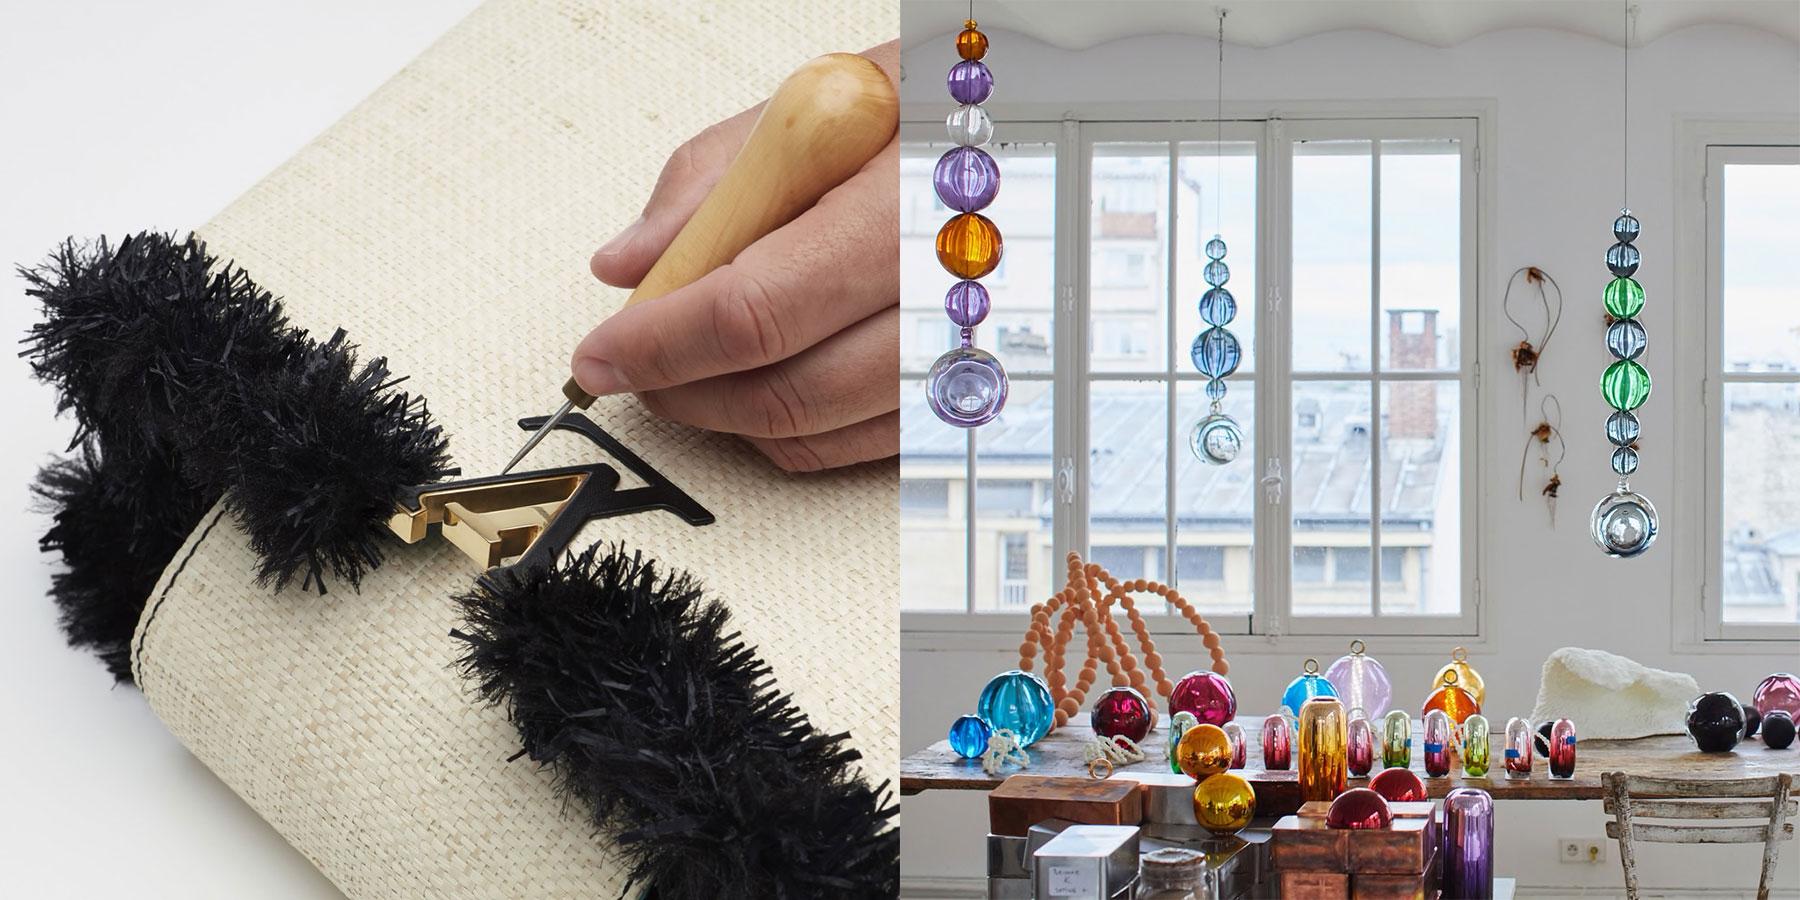 Louis Vuitton ra mắt 6 mẫu Artycapucines của các nghệ sĩ qua dòng túi Capucine - 9